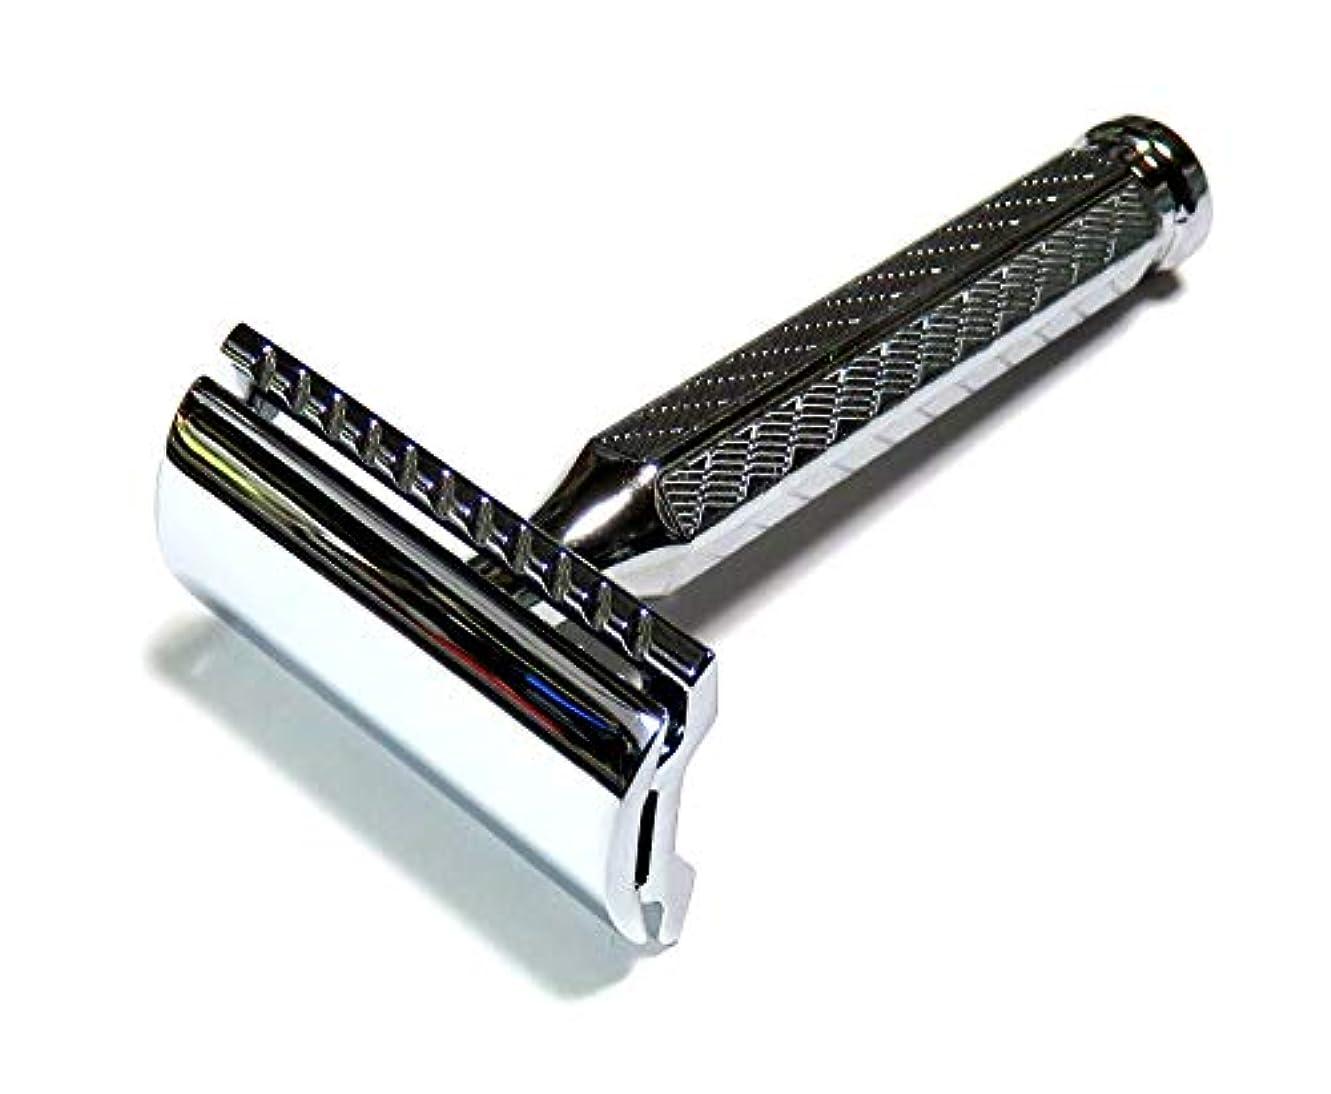 エール顔料マリンMERKUR Solingen - Safety razor, chromed, closed comb, 9042001